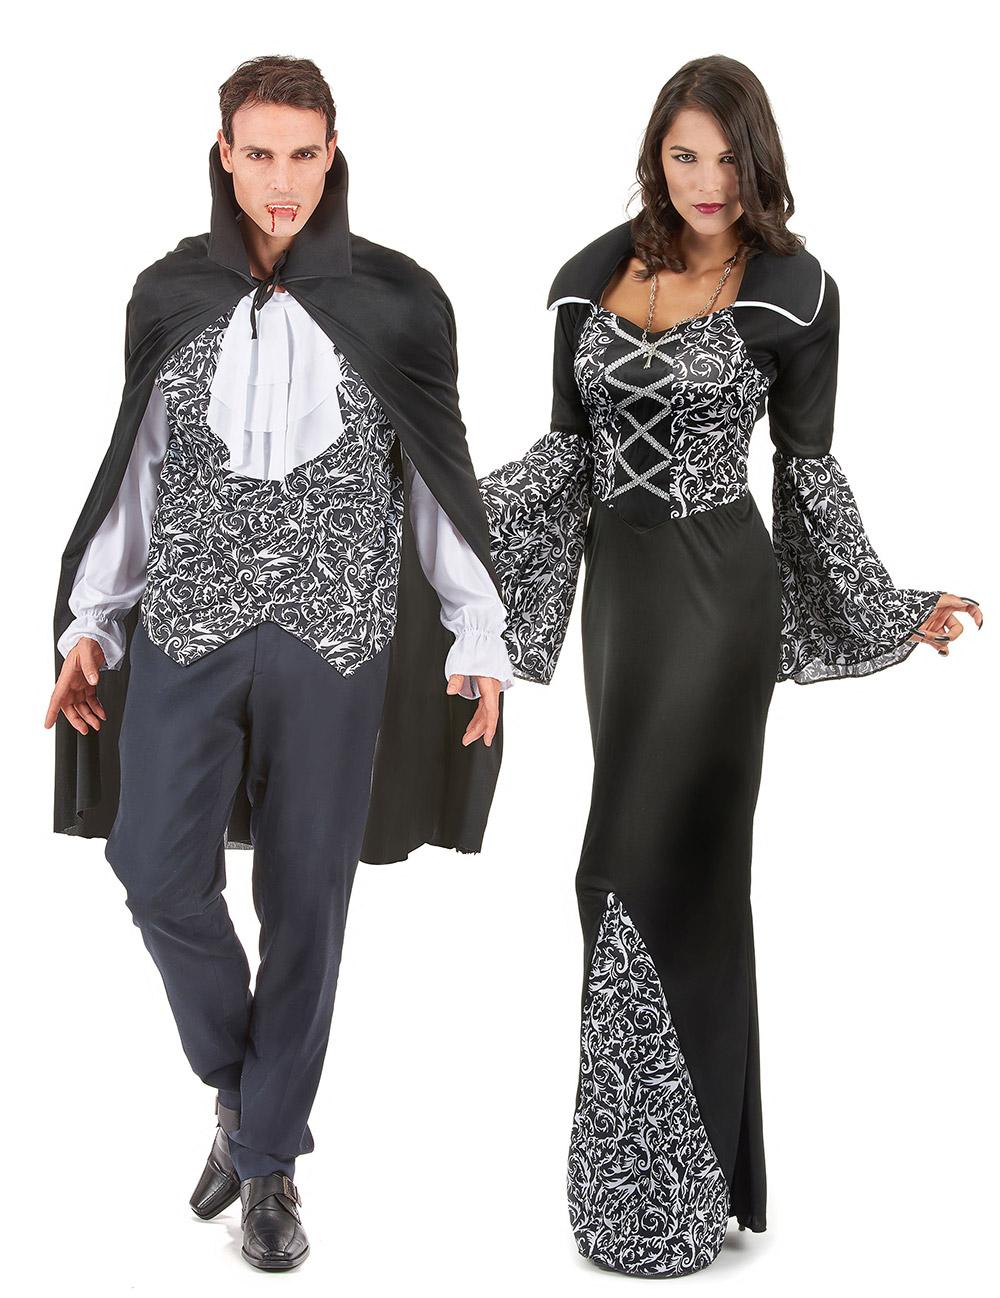 disfraz de pareja vampiro g tico halloween disfraces parejas y disfraces originales baratos. Black Bedroom Furniture Sets. Home Design Ideas